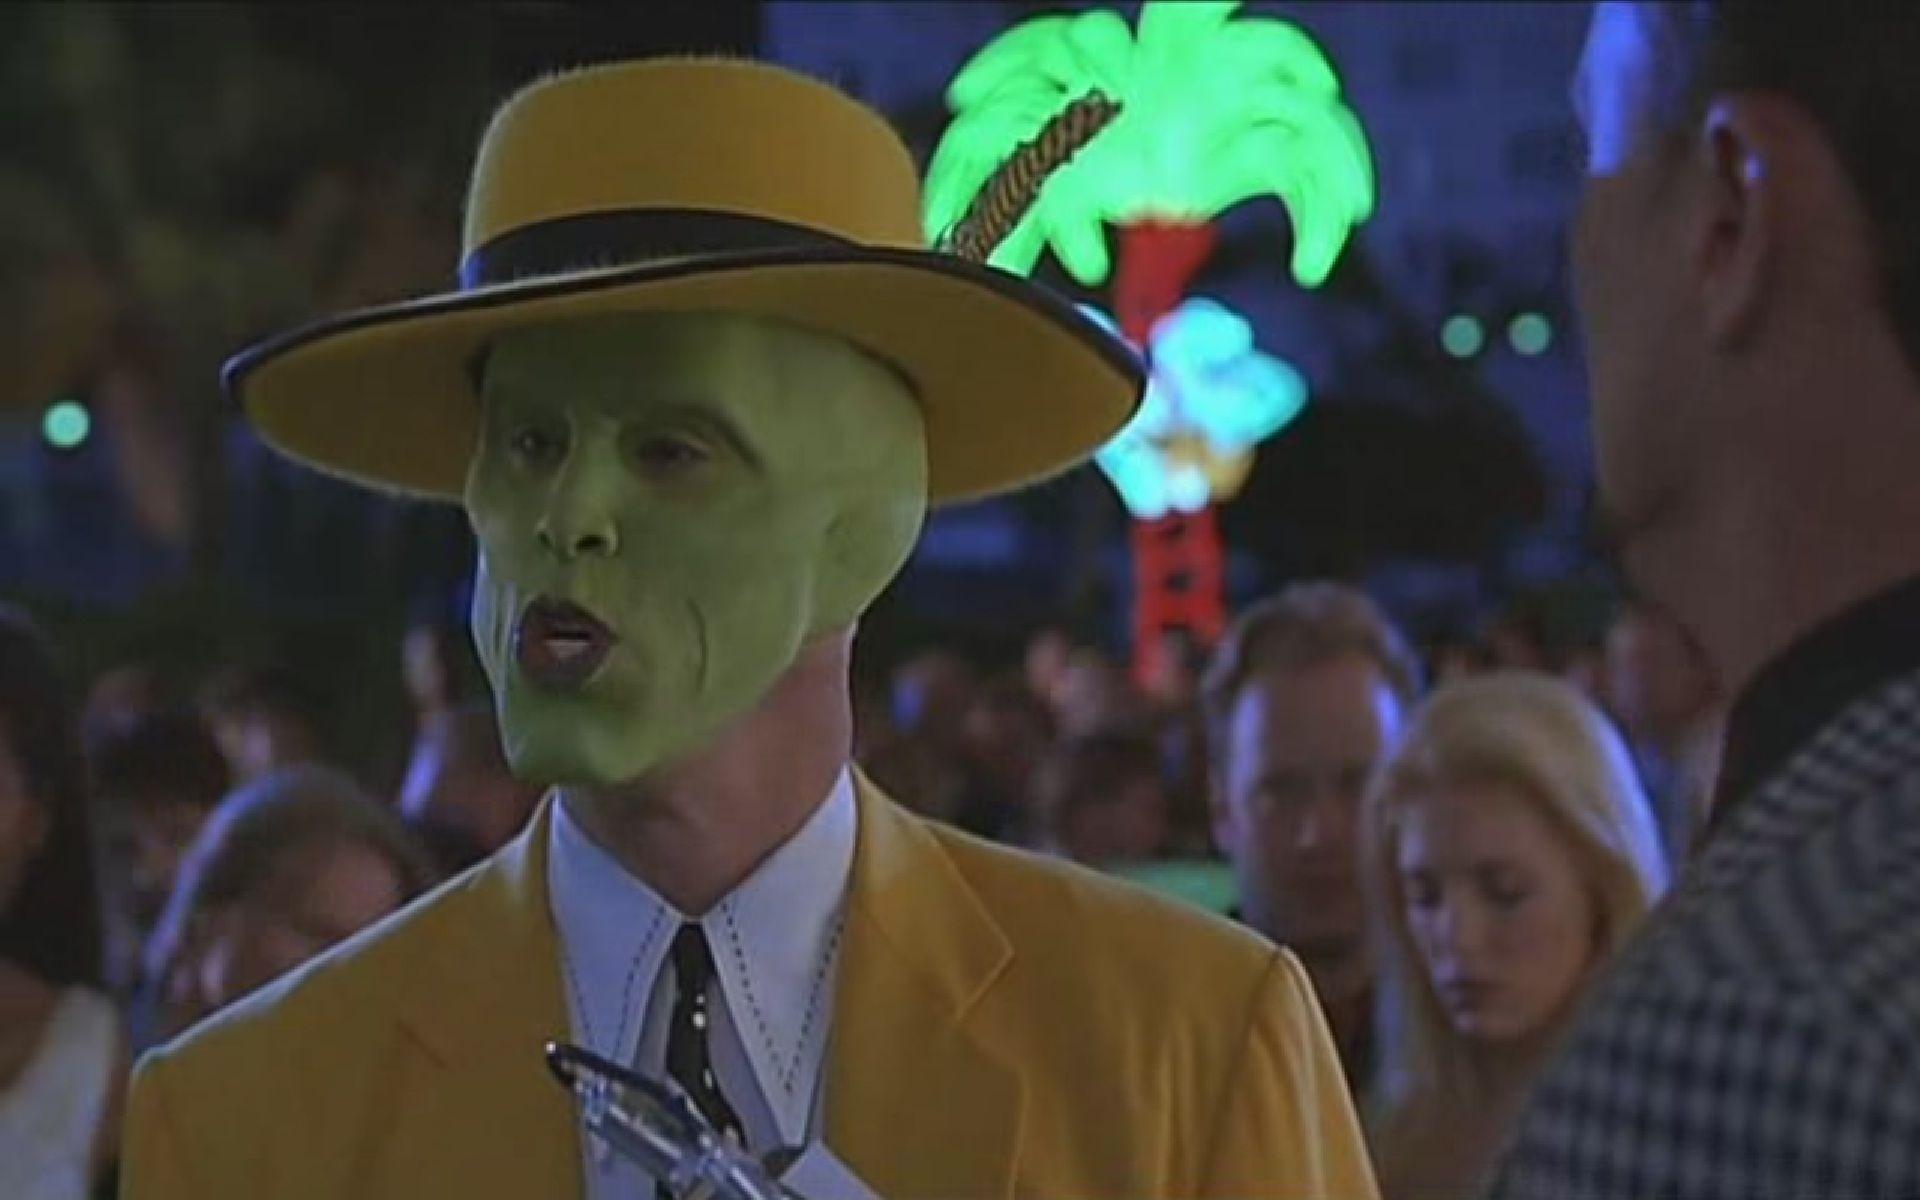 Jim Carrey The Mask Movies Wallpaper 949349 Wallbase Cc Jim Carrey The Mask Movies Outfit Jim Carrey